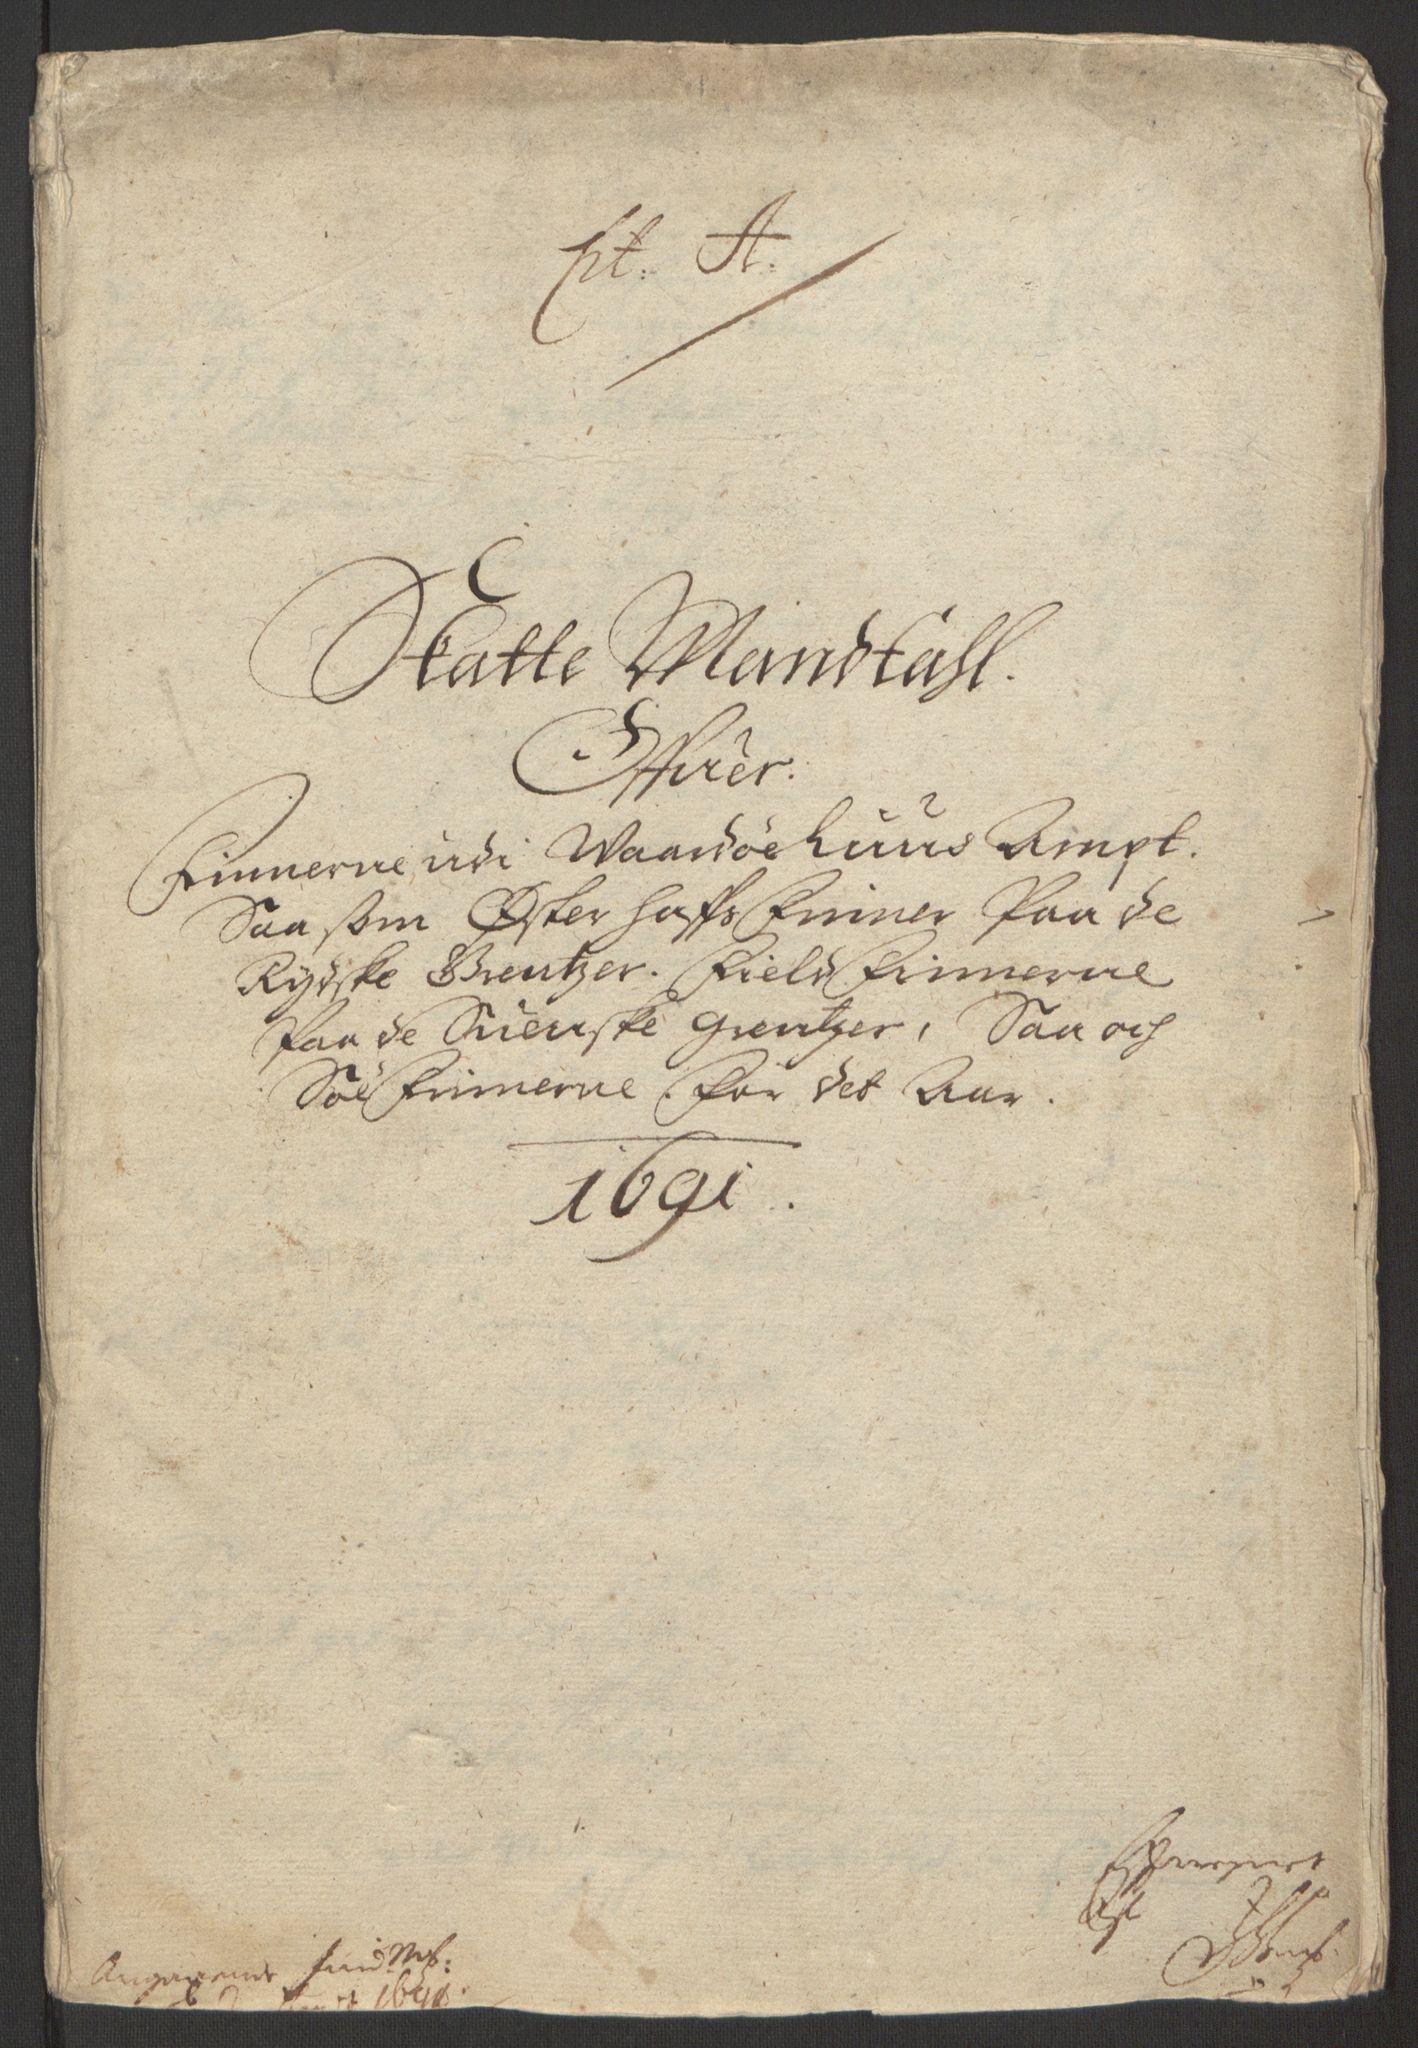 RA, Rentekammeret inntil 1814, Reviderte regnskaper, Fogderegnskap, R69/L4851: Fogderegnskap Finnmark/Vardøhus, 1691-1700, s. 7